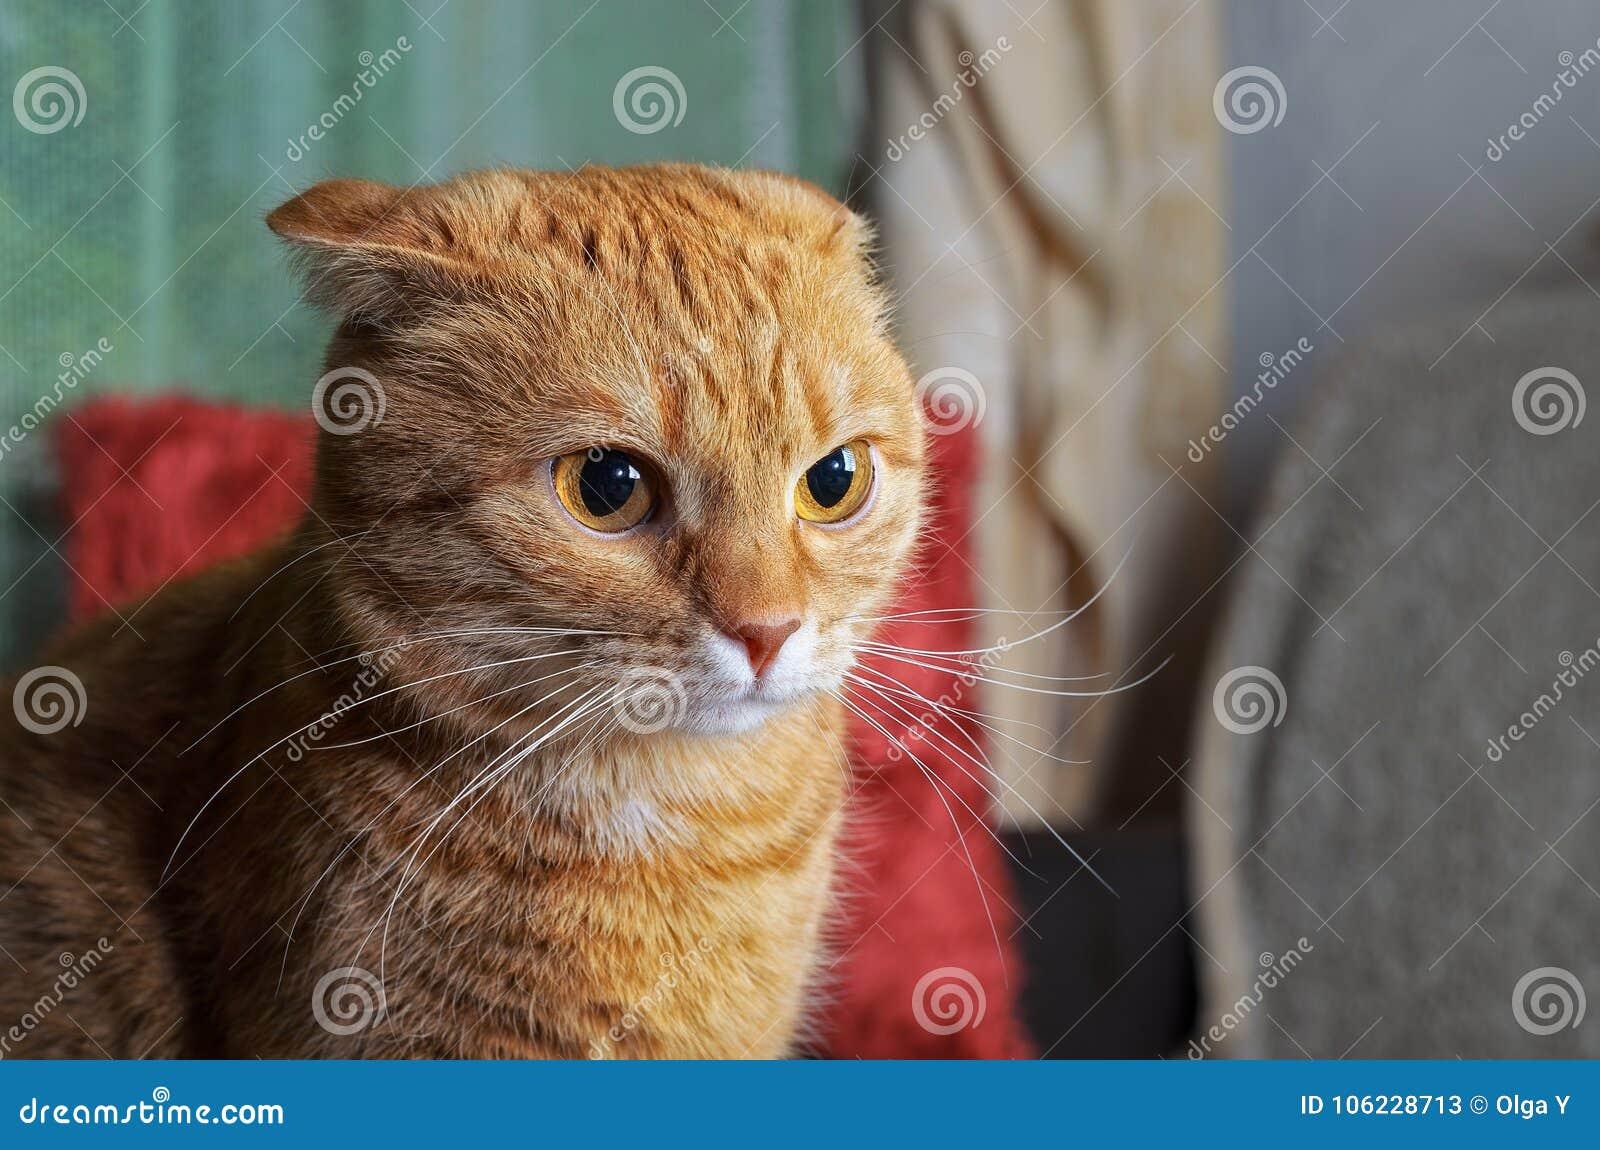 Ritratto Di Un Gatto Rosso Serio Ed Arrabbiato Immagine Stock